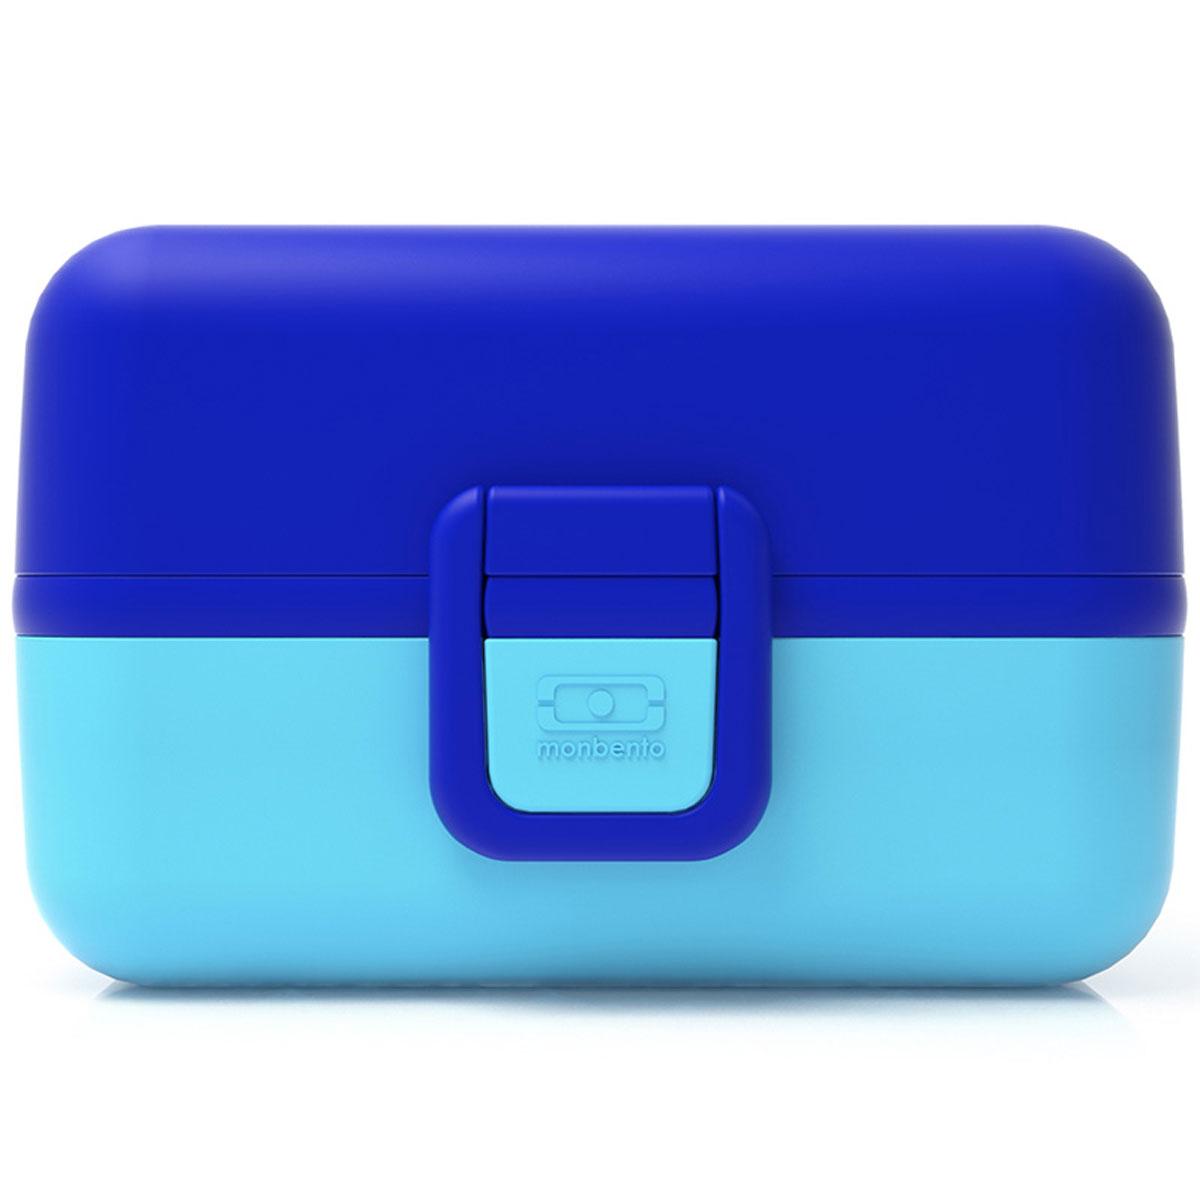 Ланчбокс Monbento Tresor, цвет: ежевичный, 900 мл3000 01 004Ланчбокс Monbento Tresor изготовлен из высококачественного пищевого пластика. Предназначен для хранения и переноски пищевых продуктов. Ланчбокс плотно закрывается на две защелки. Внутри имеется большое прямоугольное отделение, которое закрывается крышечкой, и два квадратных контейнера с прозрачными крышками. Компактные размеры позволят хранить ланчбокс в любой сумке. Его удобно взять с собой на работу, отдых, в поездку. Теперь любимая домашняя еда всегда будет под рукой, а яркий дизайн поднимет настроение и подарит заряд позитива. Можно использовать в микроволновой печи и для хранения пищи в холодильнике, можно мыть в посудомоечной машине. Объем: 900 мл. Общий размер ланчбокса: 16 см х 9 см х 10 см. Размер квадратных контейнеров: 7,5 см х 7,5 см х 5 см.